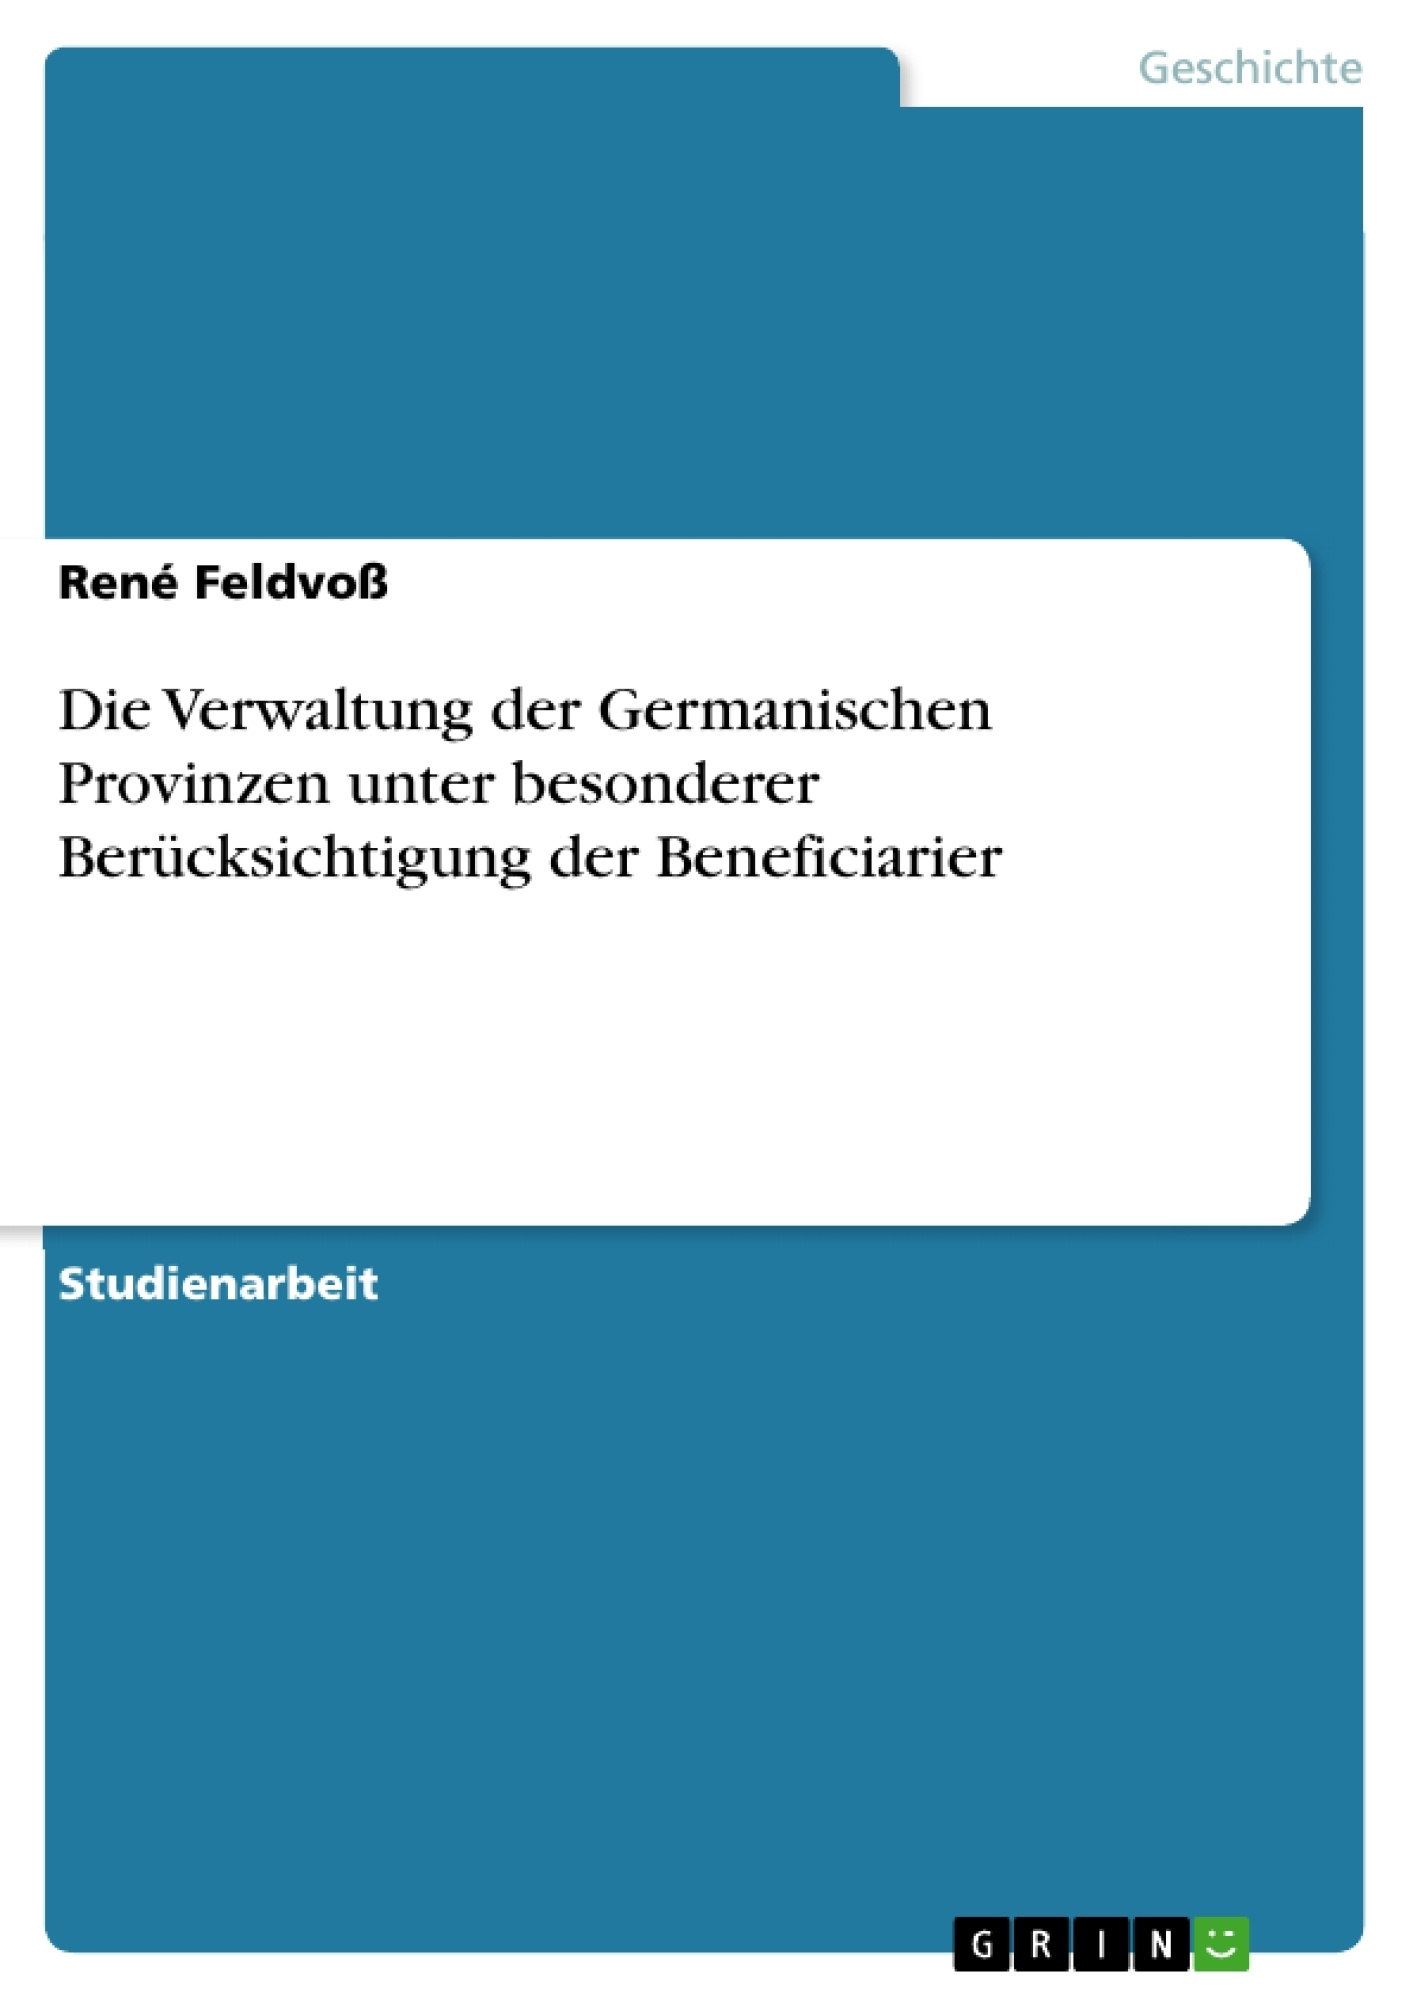 Titel: Die Verwaltung der Germanischen Provinzen unter besonderer Berücksichtigung der Beneficiarier